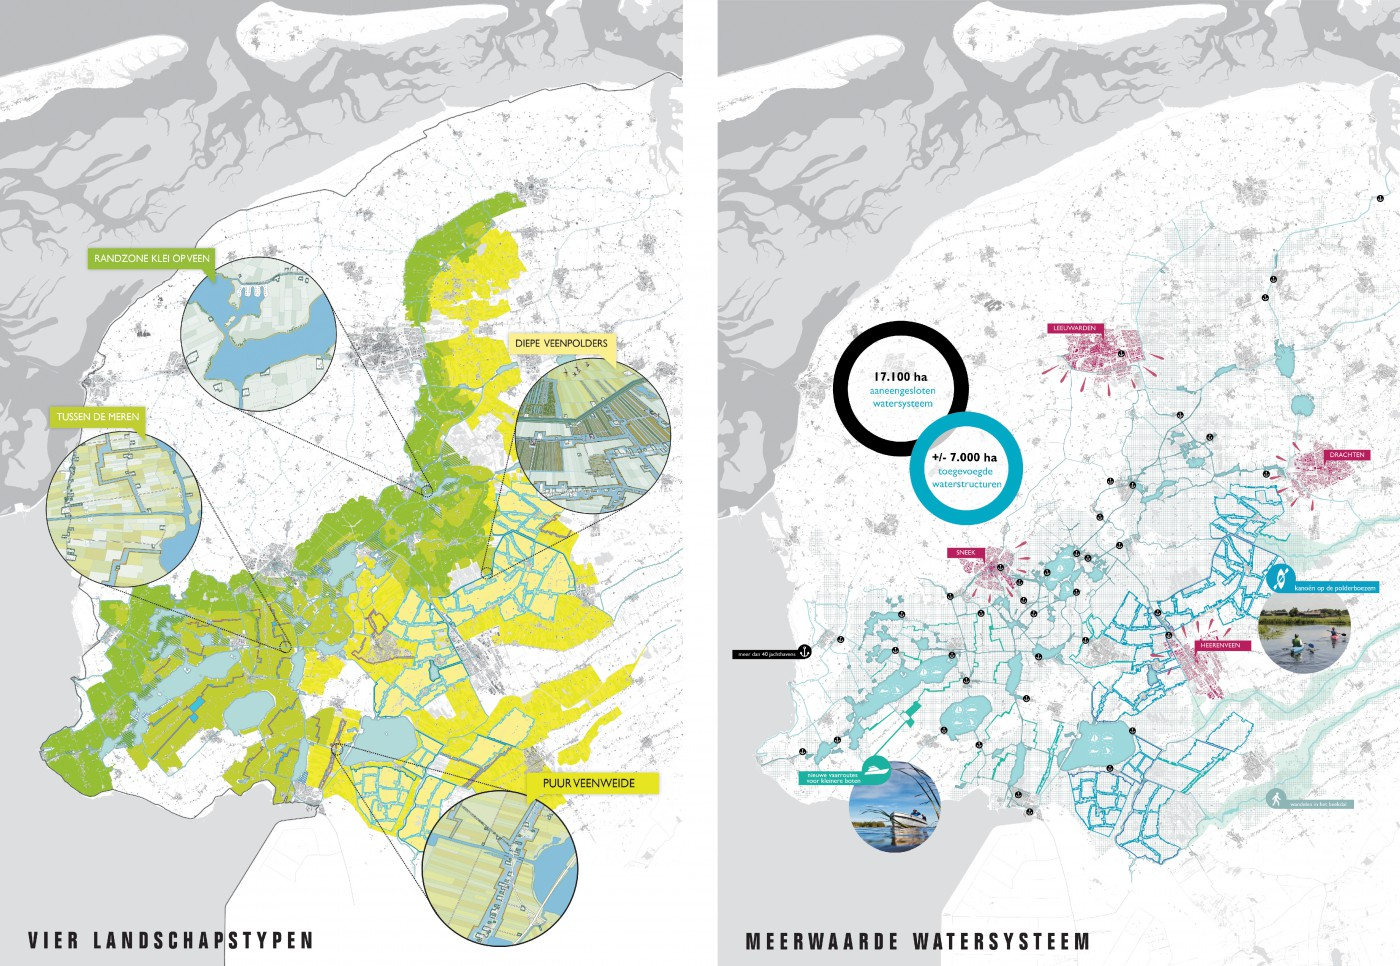 4. buro-sant-en-co-landschapsarchitectuur-atelier-Friese-veenweide- Vier landschapstypen-en-Meerwaarde-watersysteem